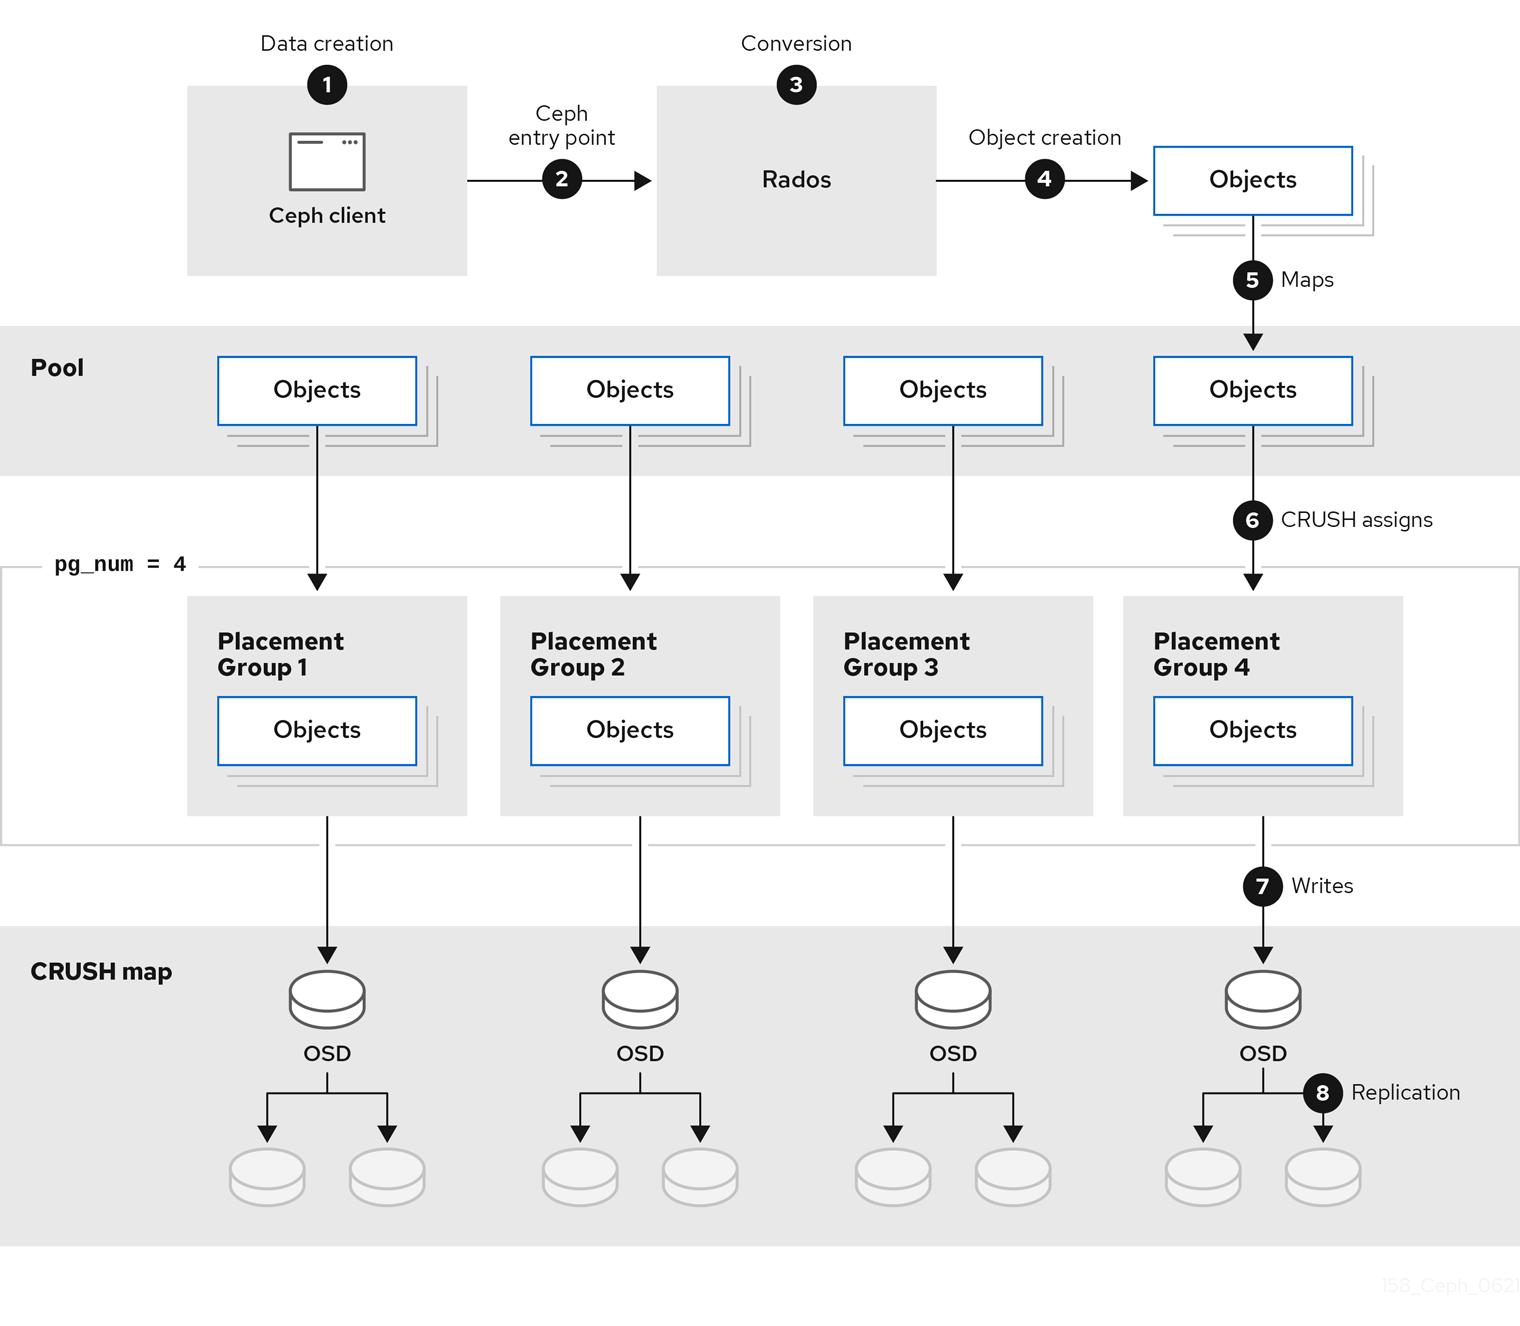 arch data flow